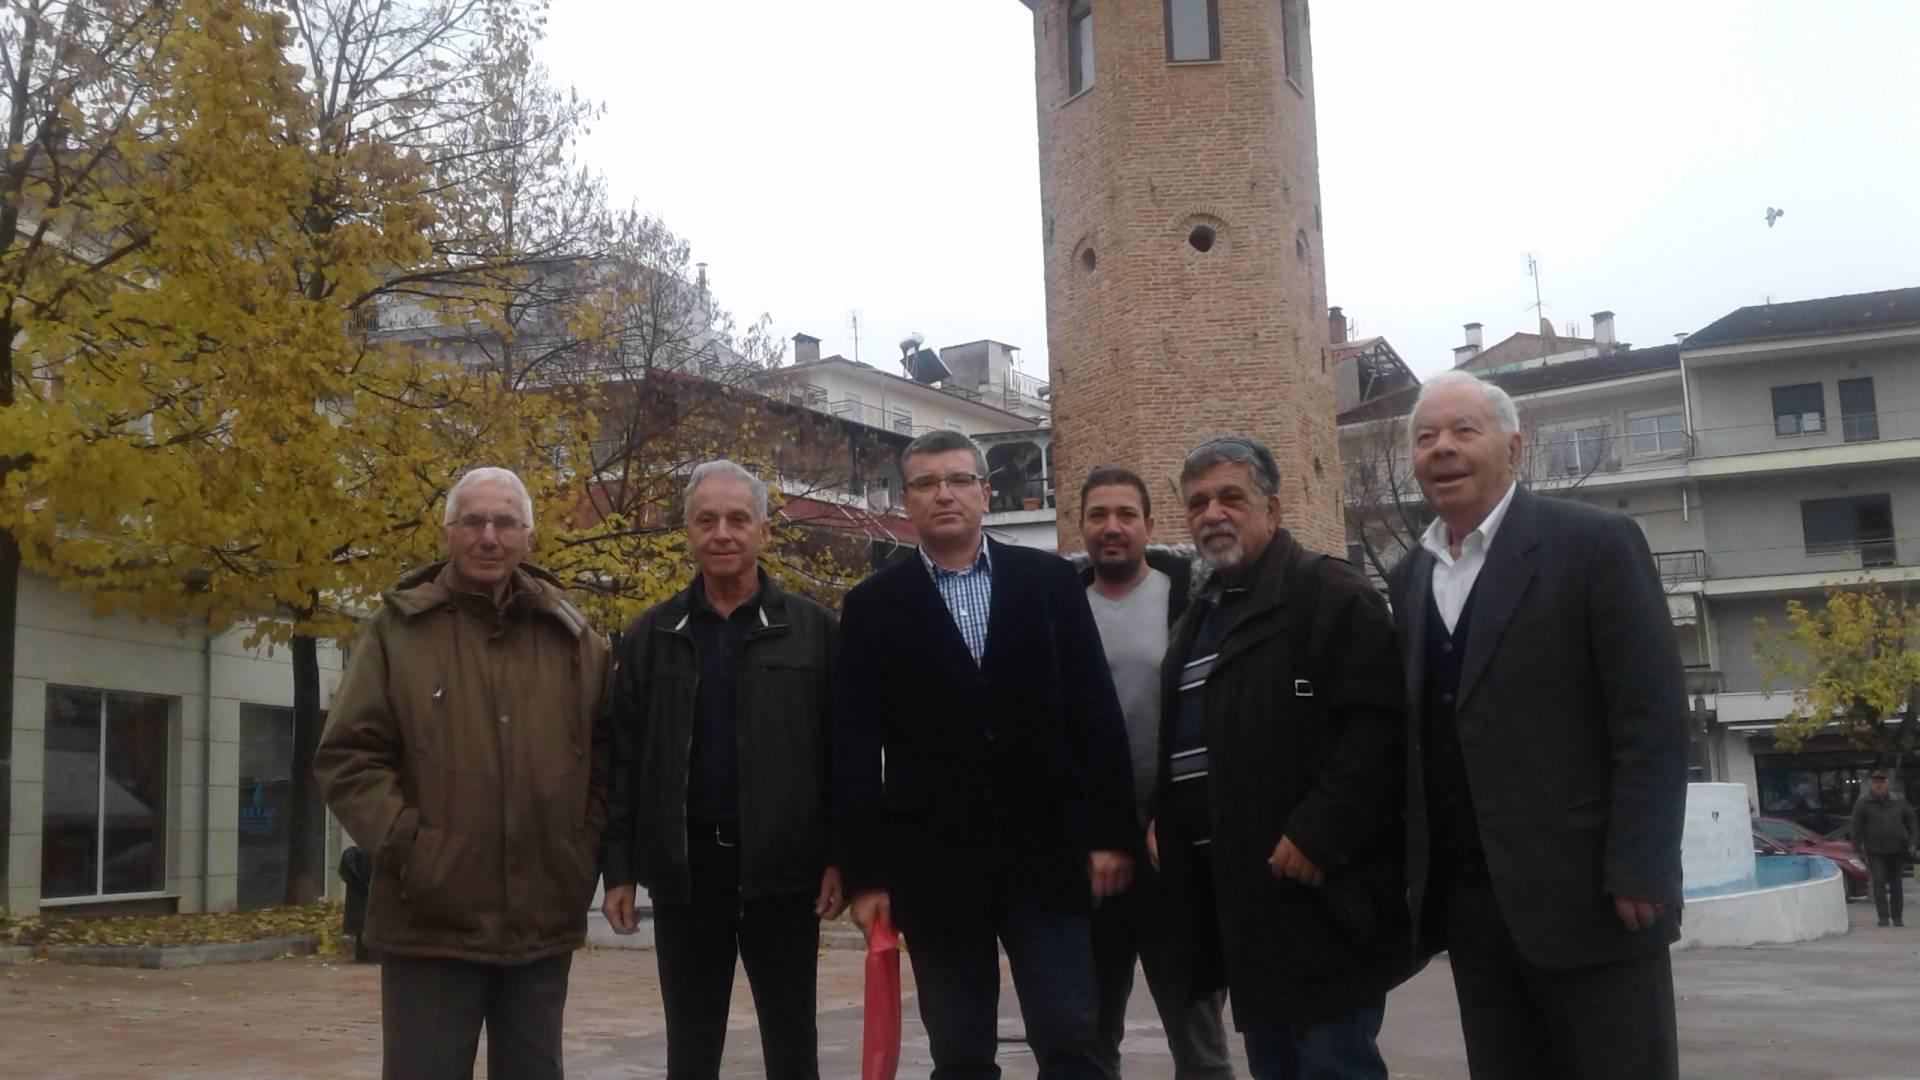 Επίσκεψη συνδέσμου Εφέδρων Αξιωματικών Αιτωλοακαρνανίας στον Νομό Γρεβενών